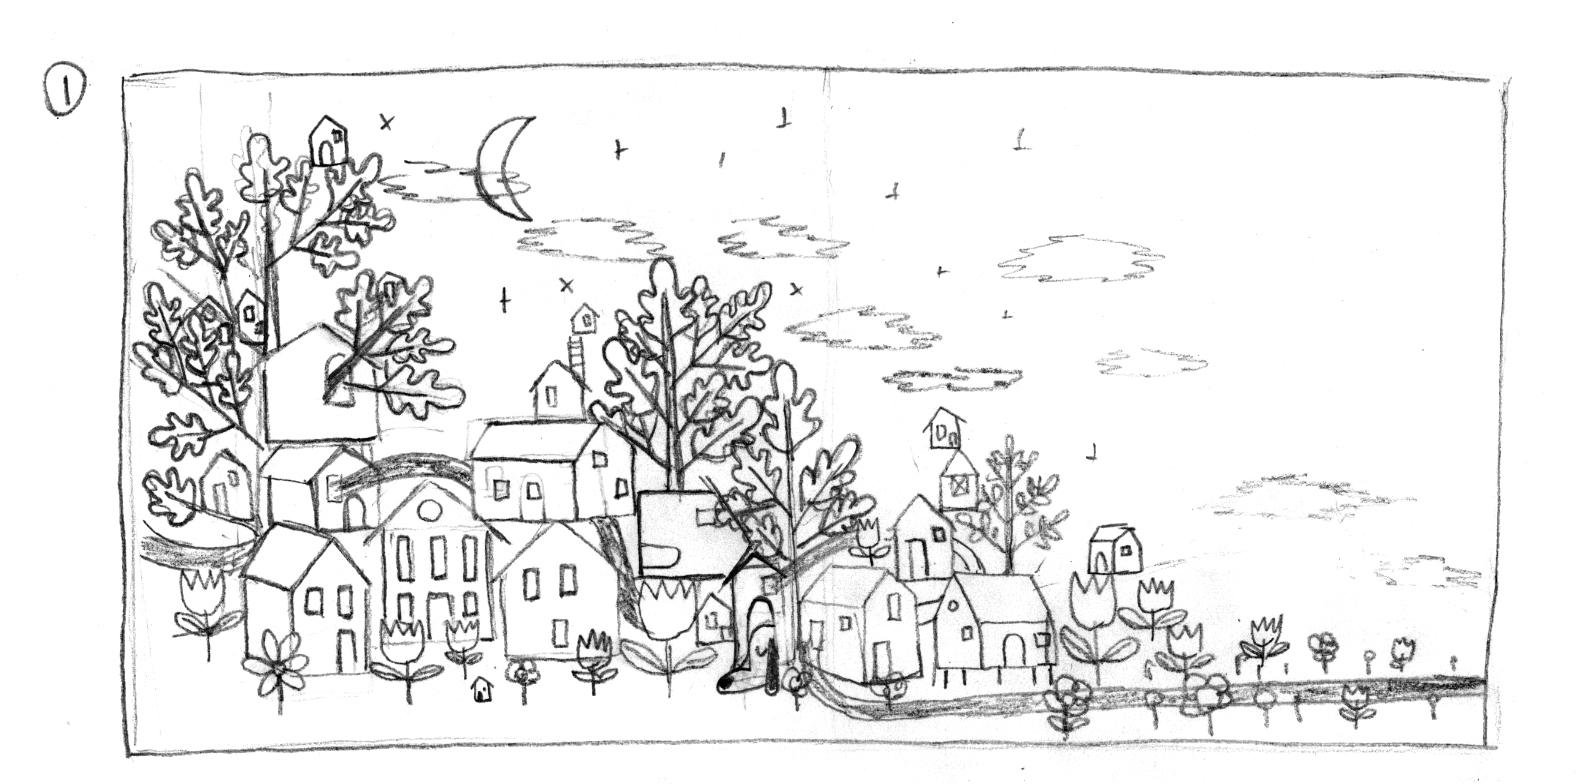 csn-sketch-woodentown.jpg